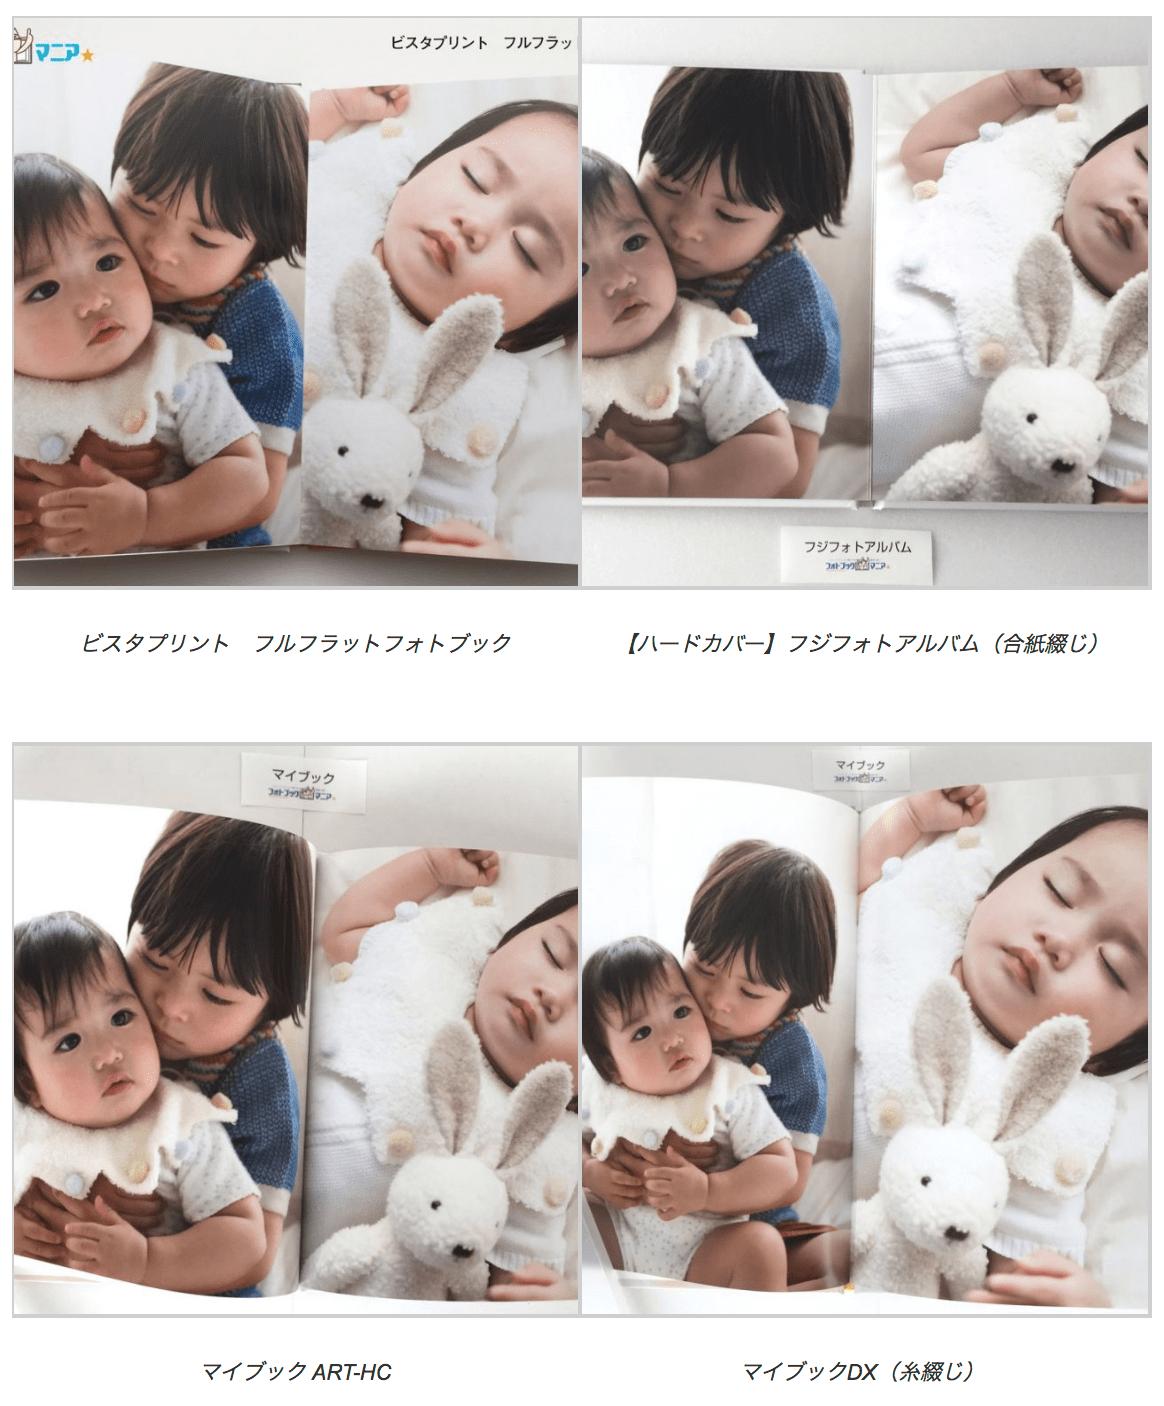 ハードカバーのフォトブック4社を比較【同じ画像で印刷】おすすめは?